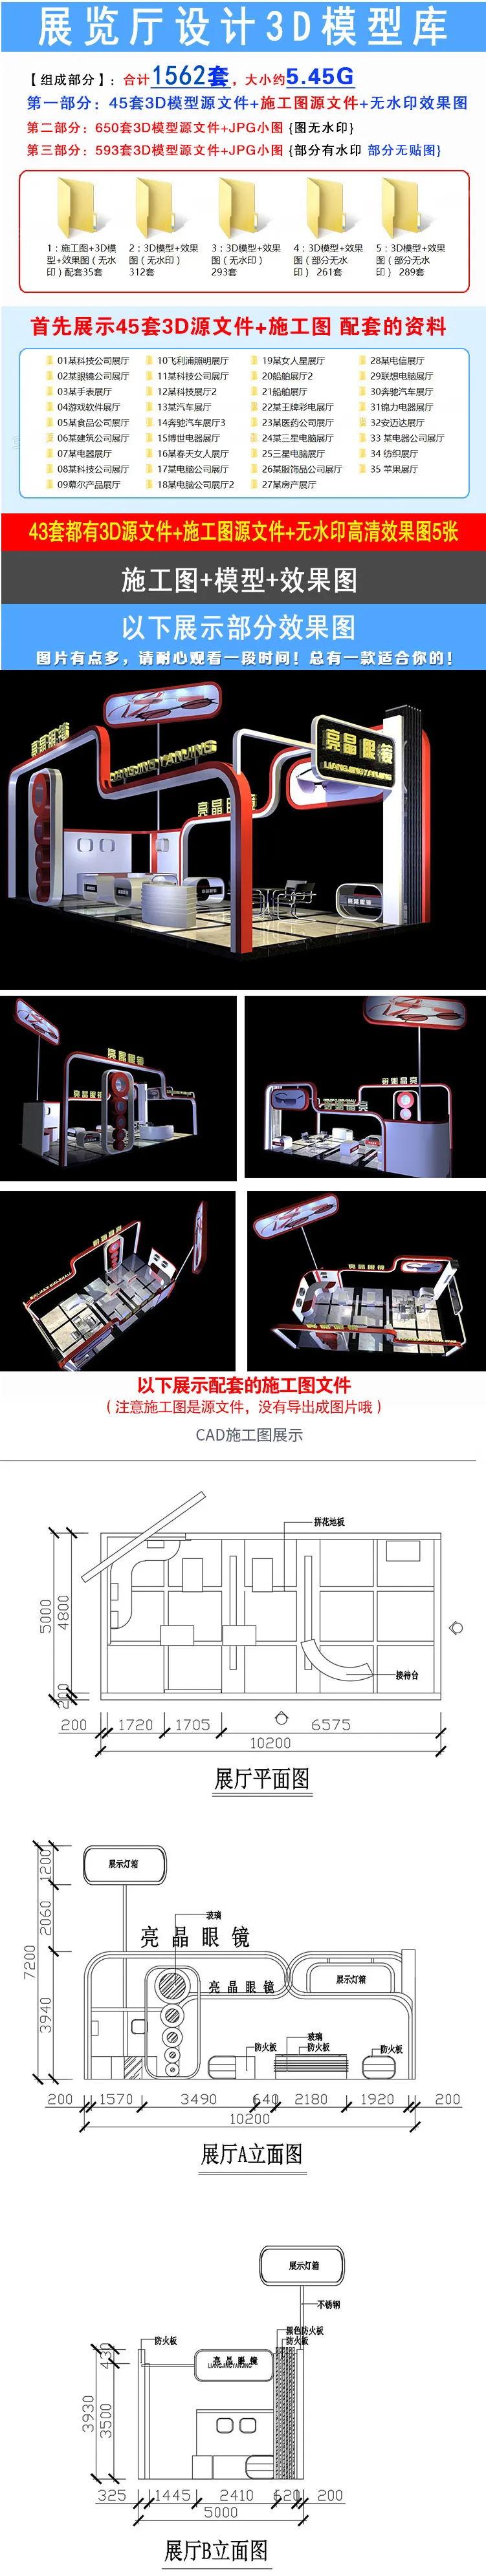 1562款全套展览展会展厅展台展示设计3d模型配CAD施工图素材工程文件设计酷COOK-设计酷-设计酷COOK-这设计很酷COOL